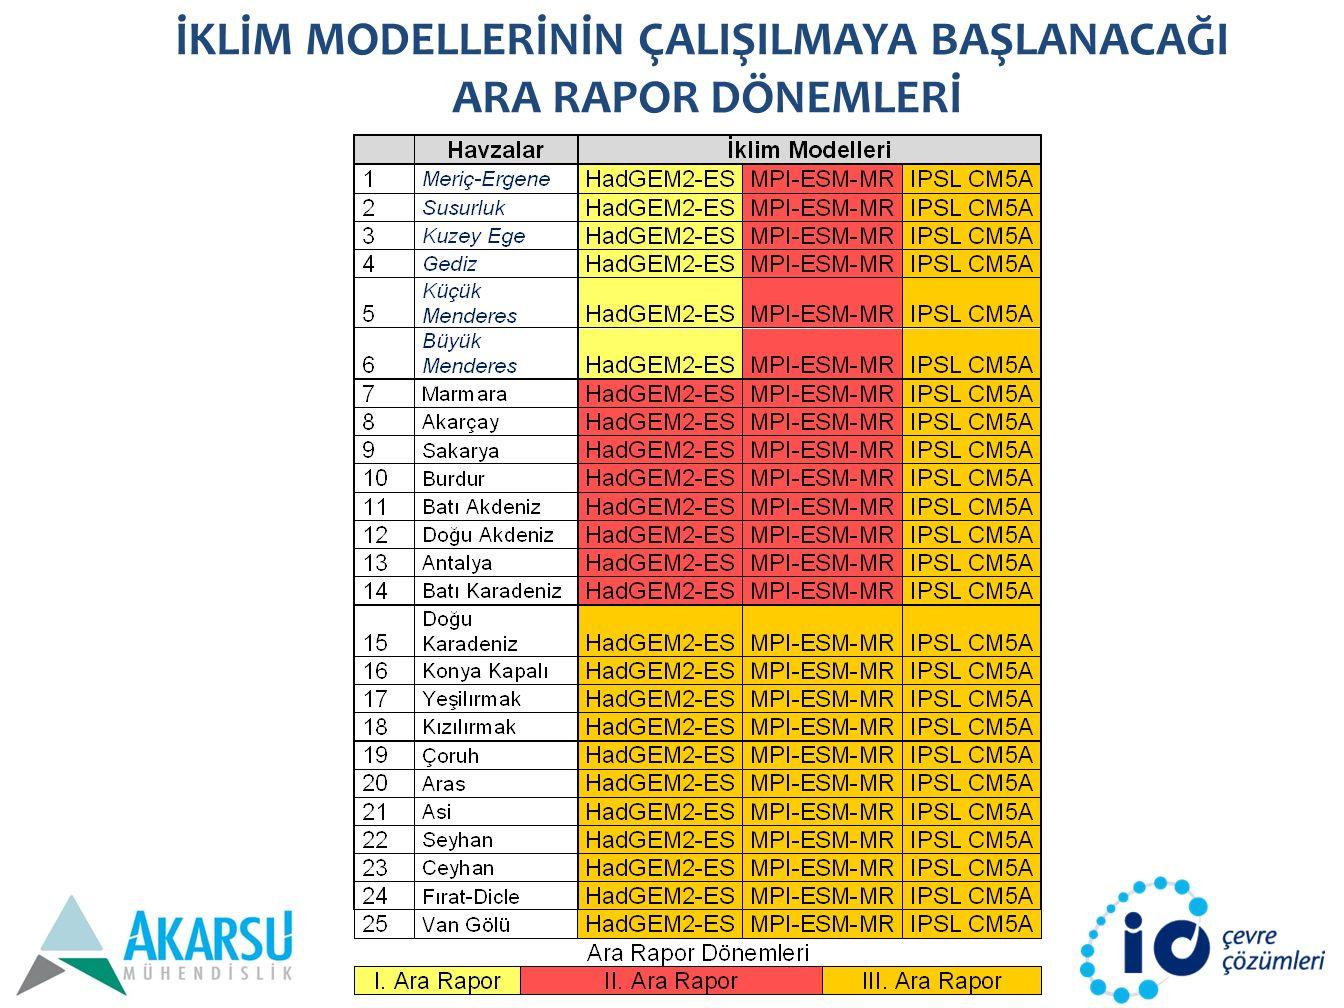 SU FAZLASI/AÇIĞININ DEĞİŞİMİ (HadGEM2-ES)